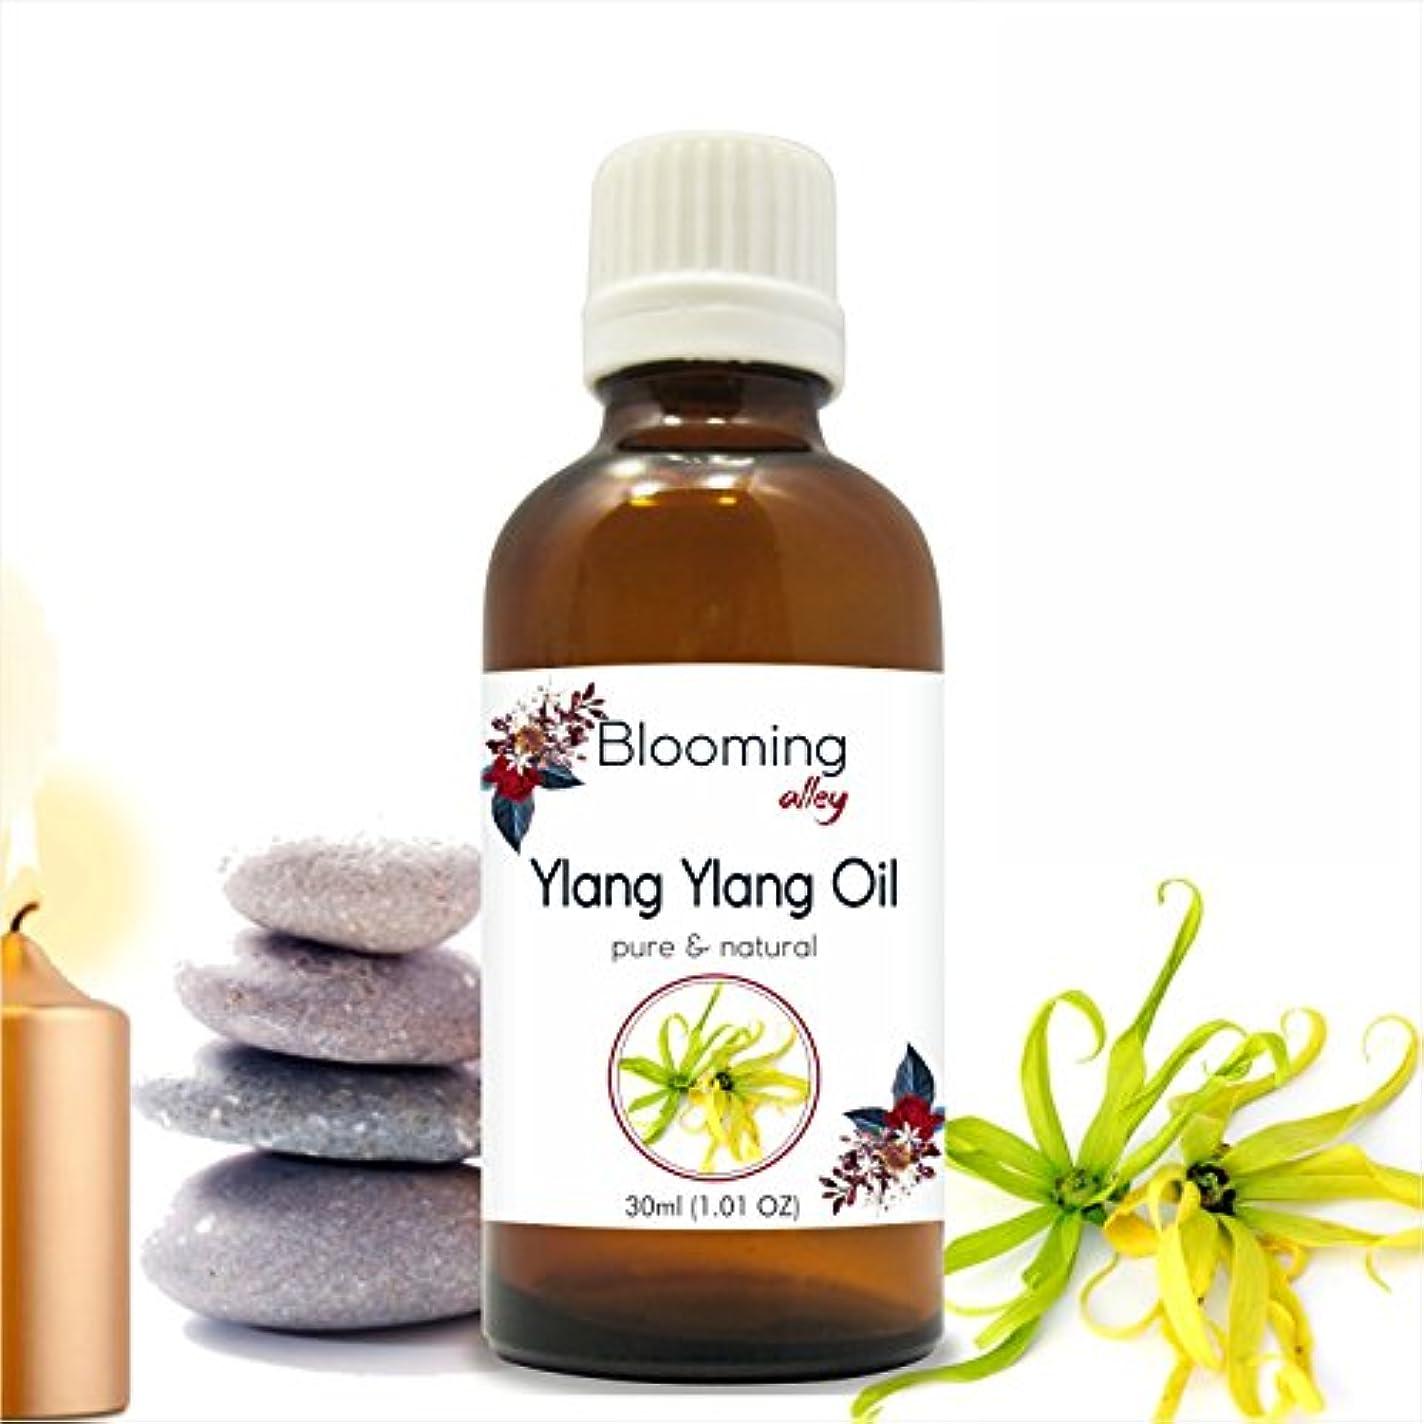 筋非常に怒っています甥Ylang Ylang Oil (Cananga Odorata) Essential Oil 30 ml or 1.0 Fl Oz by Blooming Alley